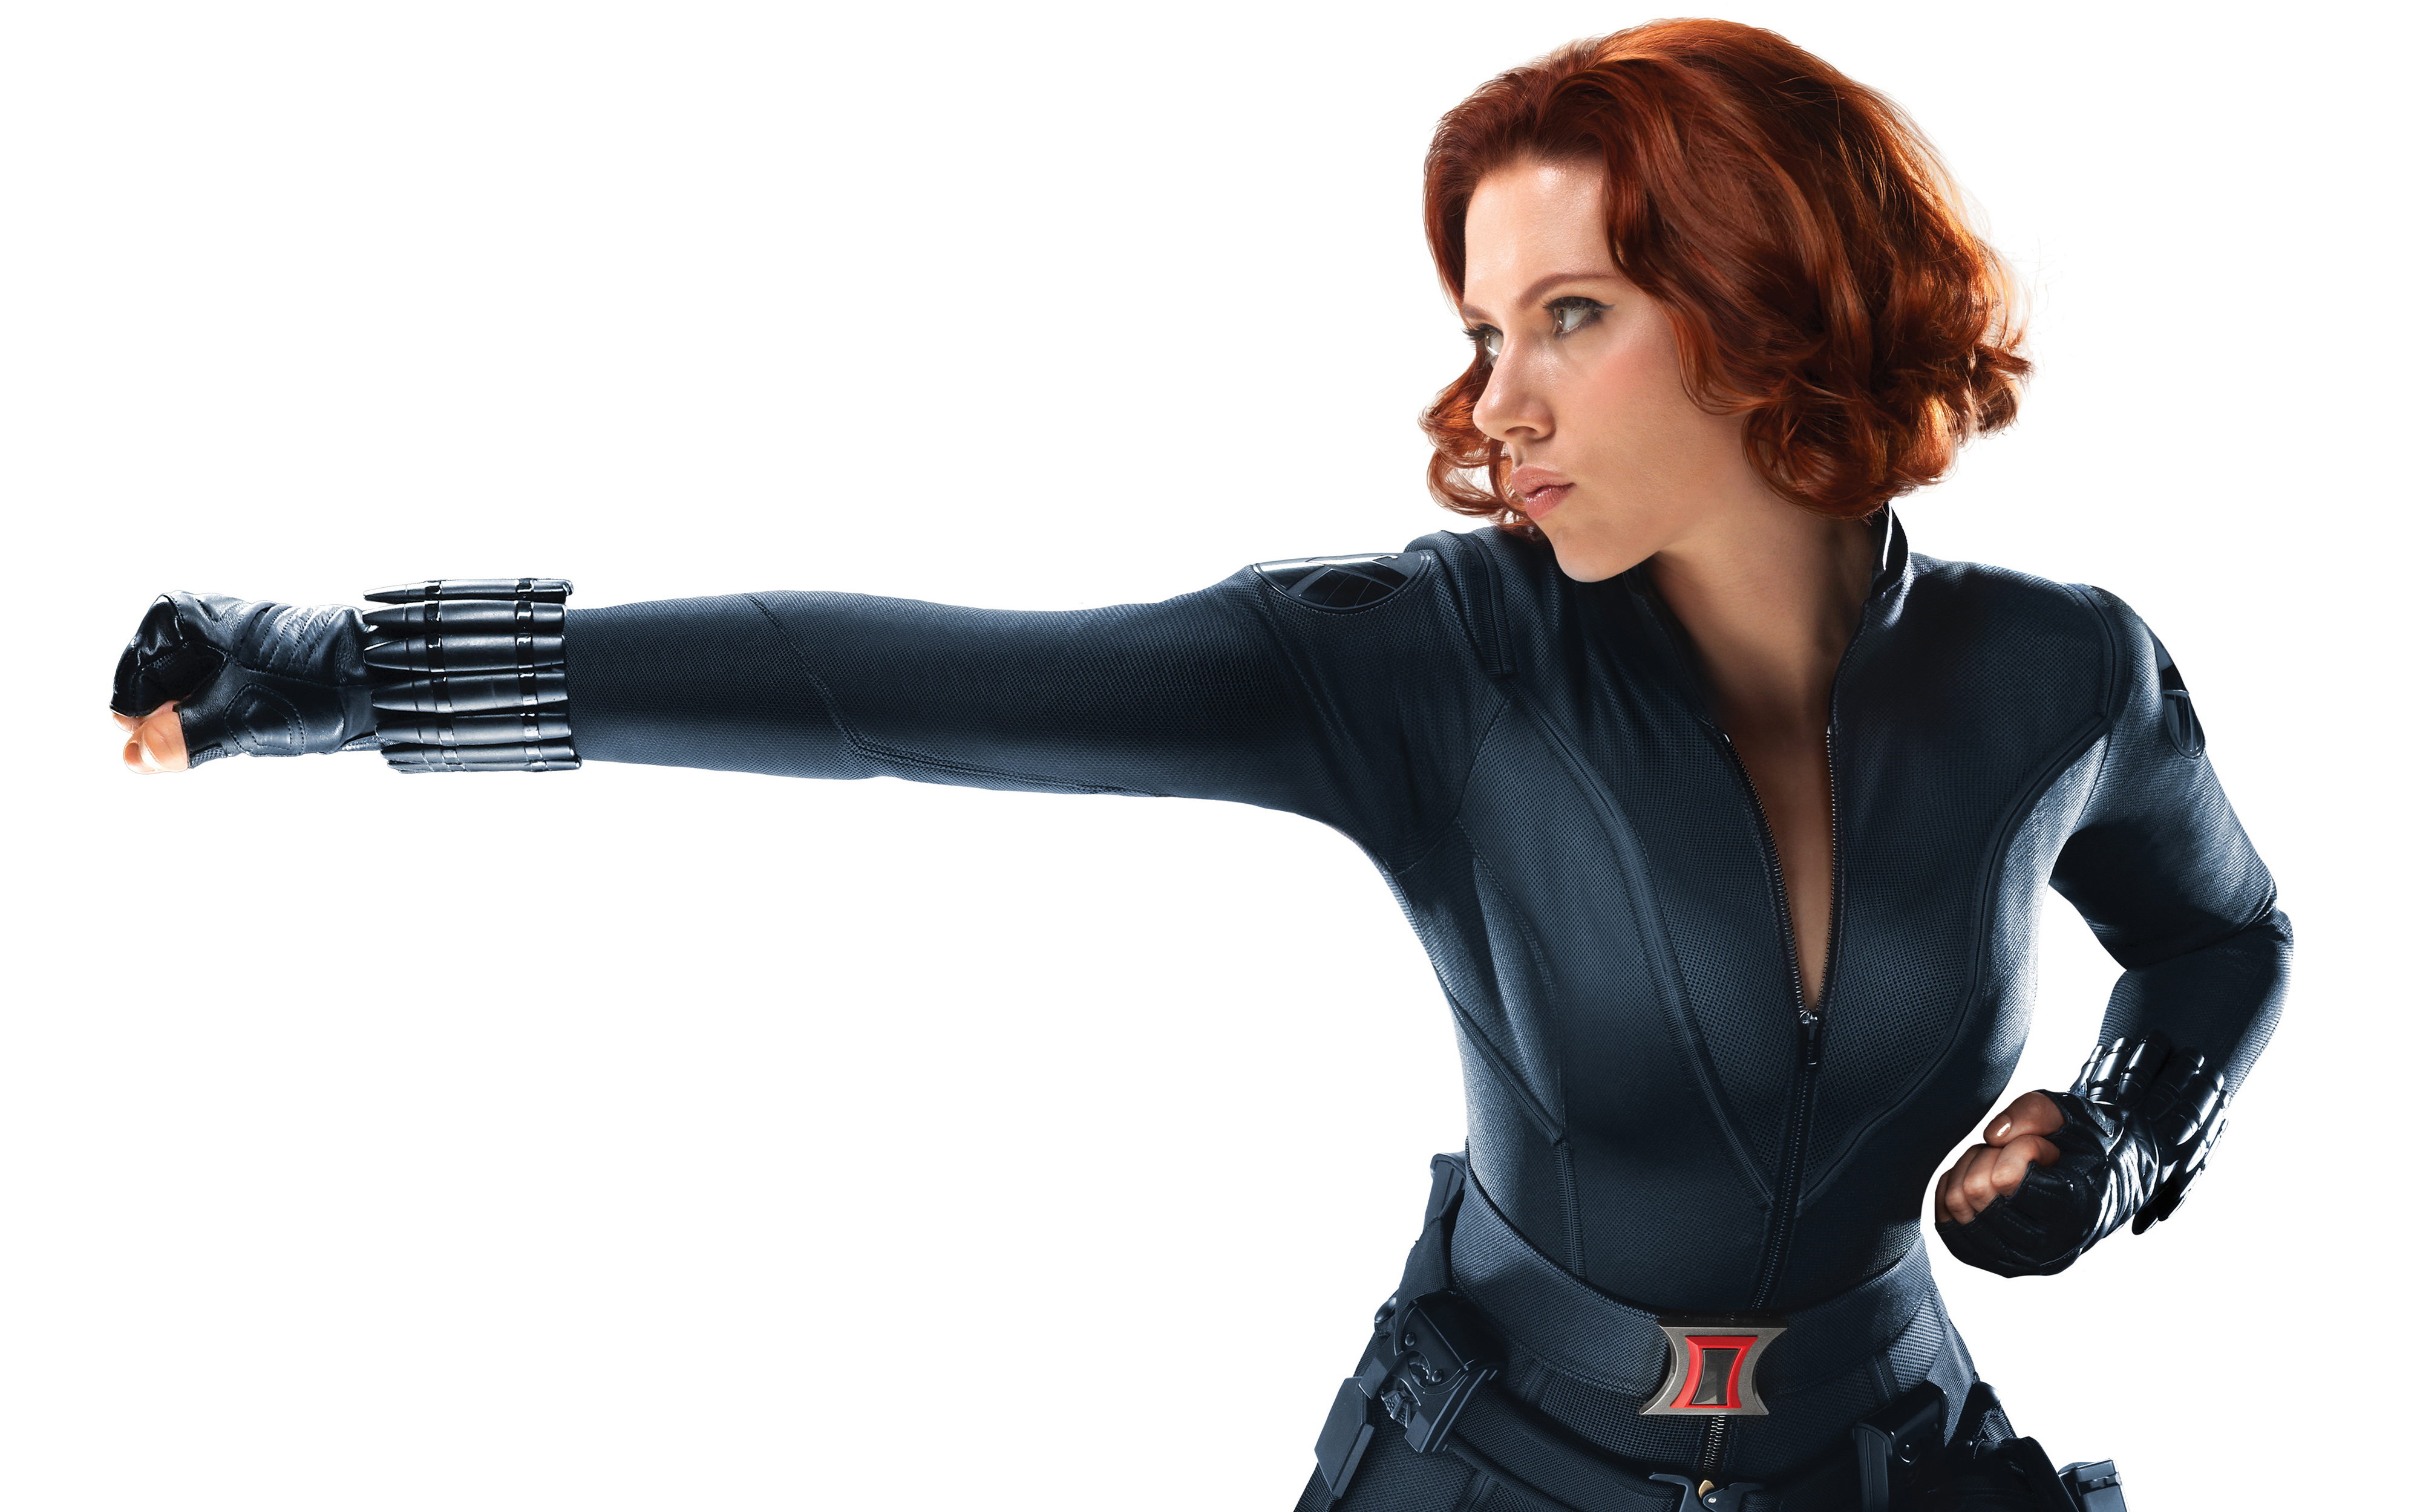 Scarlett Johansson as Black Widow in Avengers wallpaper